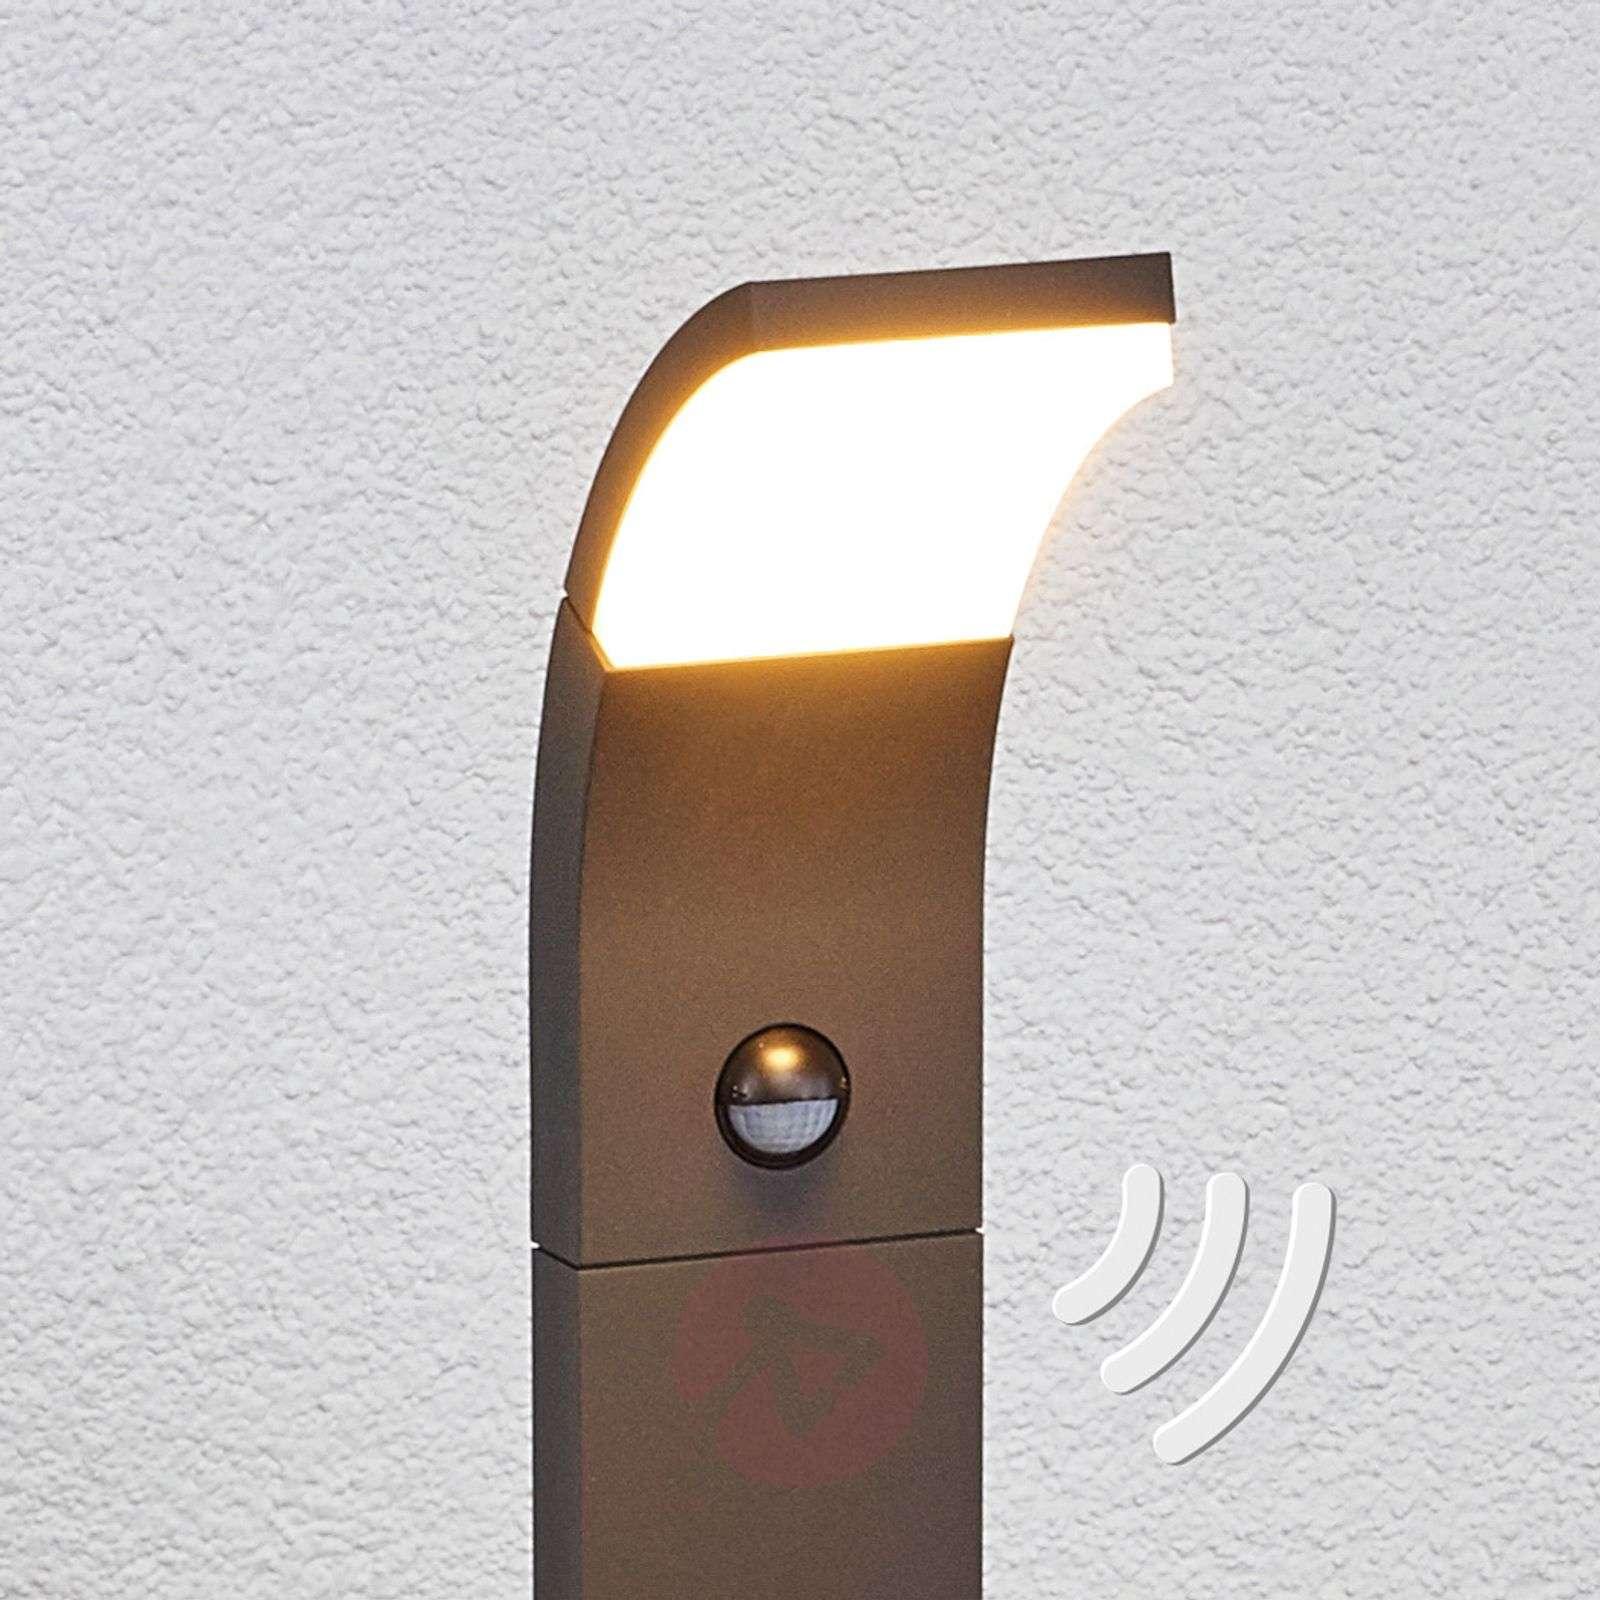 Timm-LED-pylväsvalaisin liiketunnistimella, 100 cm-9619053-01